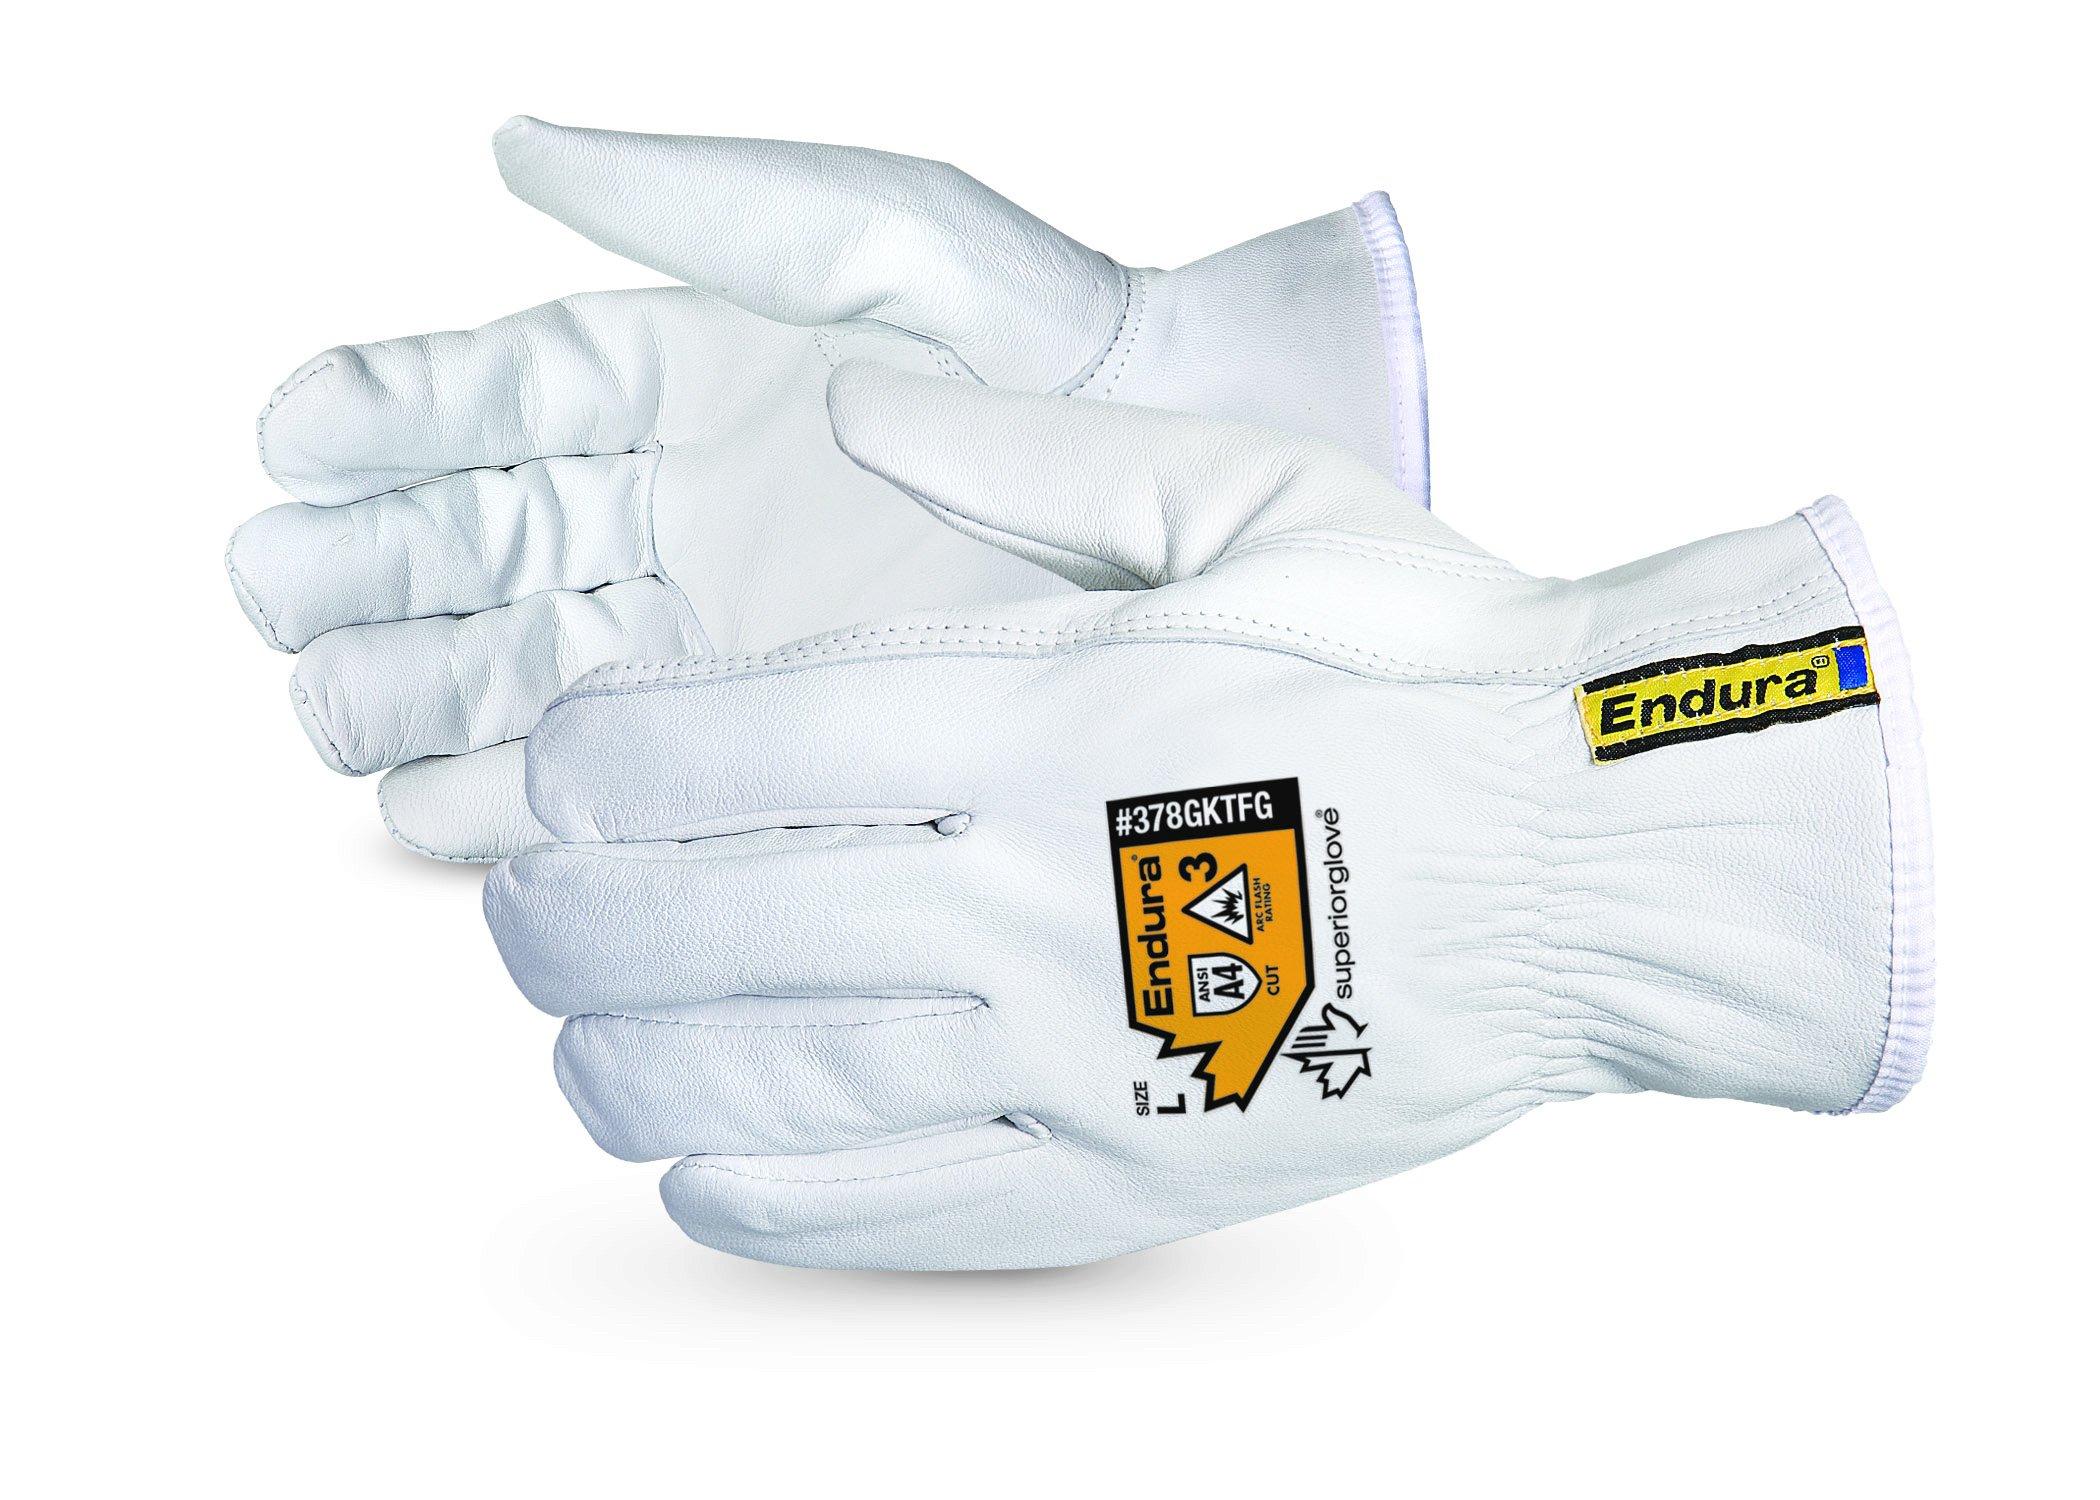 Superior Goatskin Leather Work Gloves - Kevlar Lined Cut Resistant, Arc Flash Safety Work Gloves (Endura-378GKTFG) Large